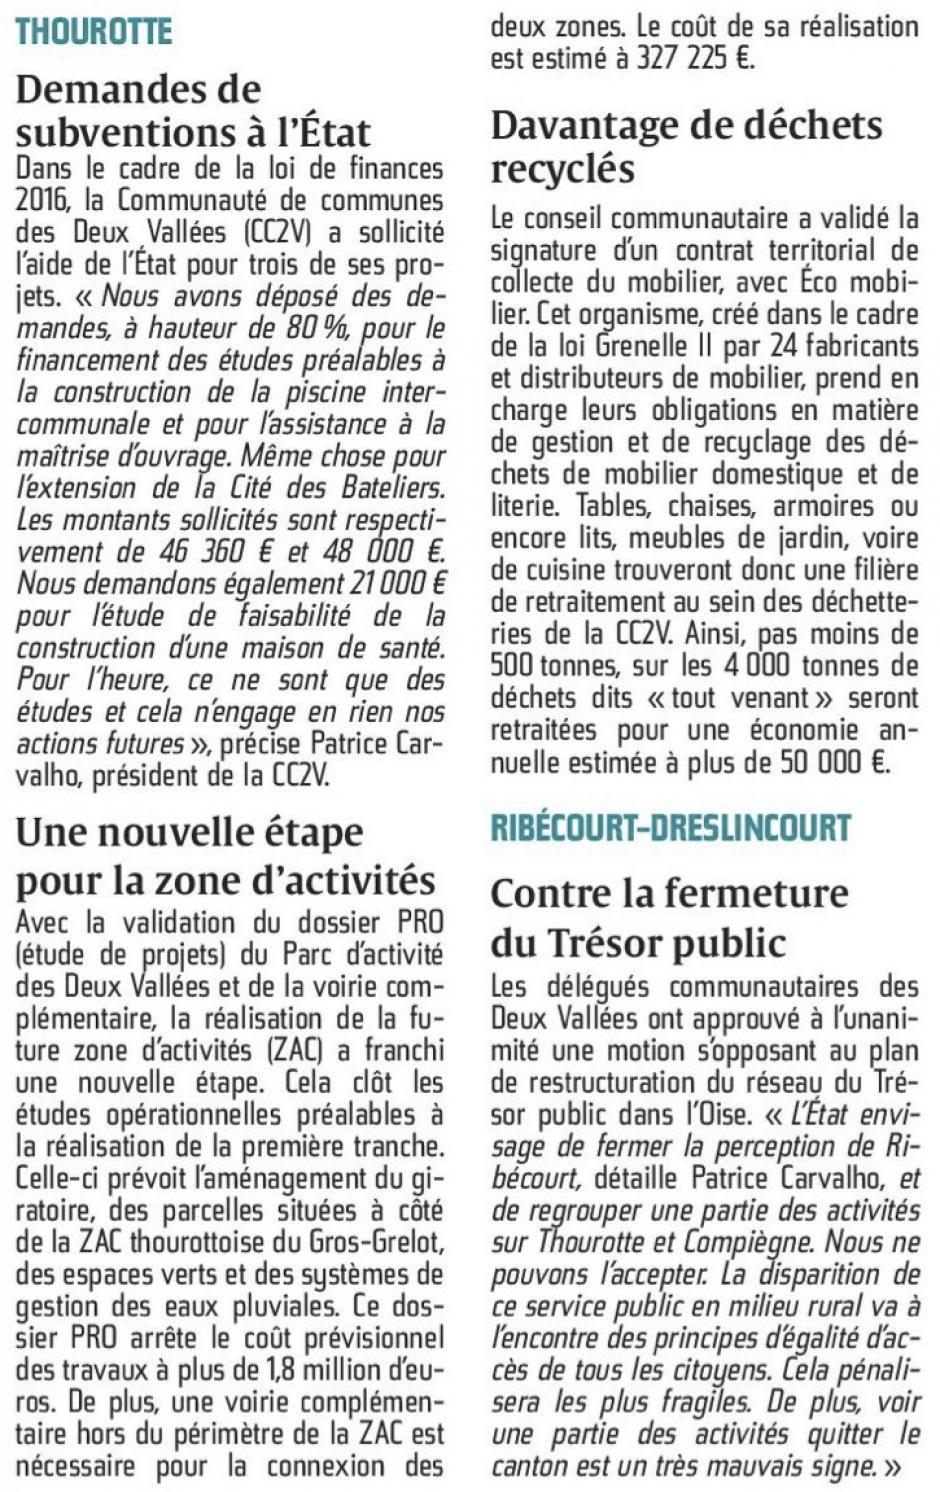 20160326-CP-Ribécourt-Dreslincourt-Contre la fermeture du Trésor public